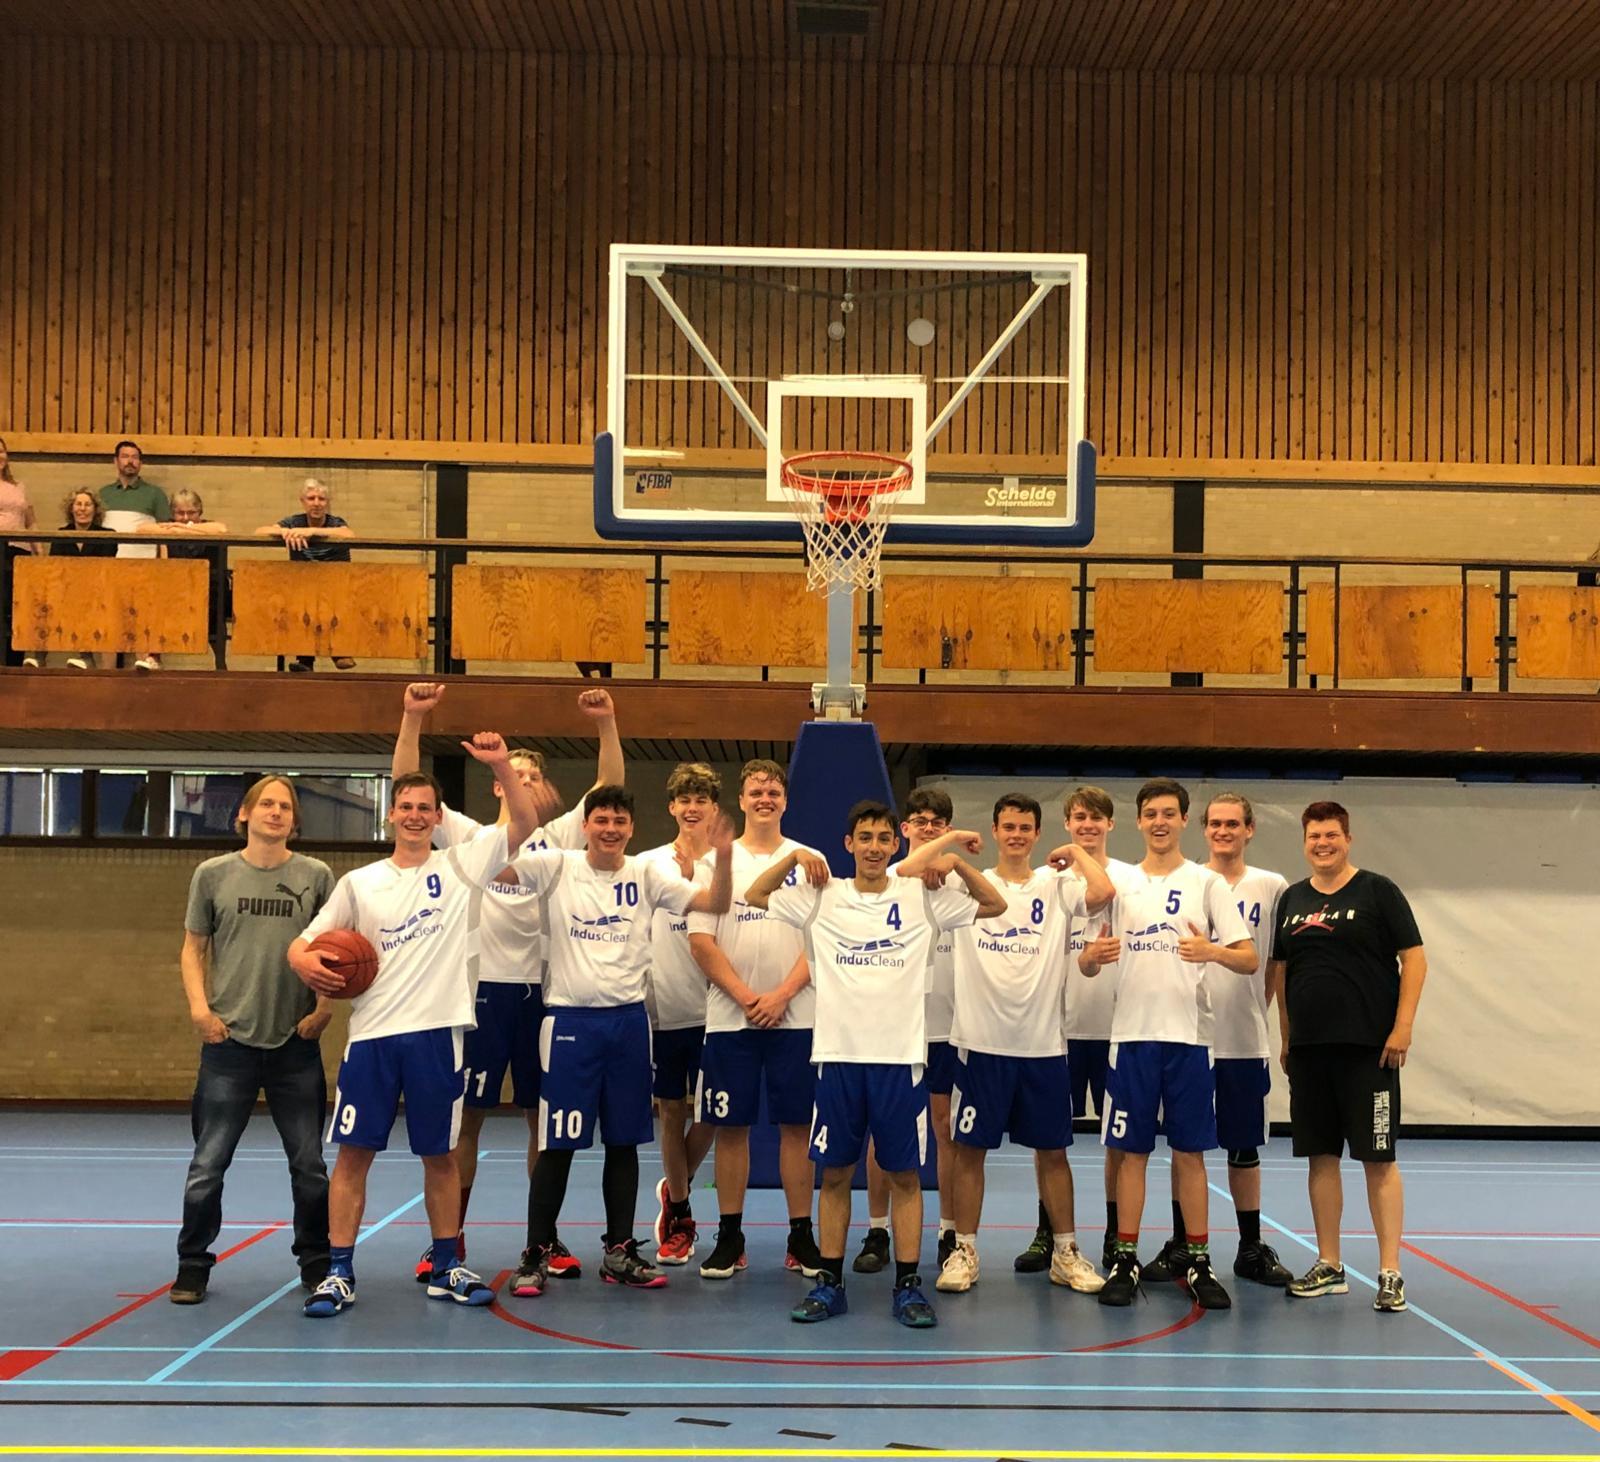 BV Voorne M20 wint oefenwedstrijd in Barendrecht met 56-75!